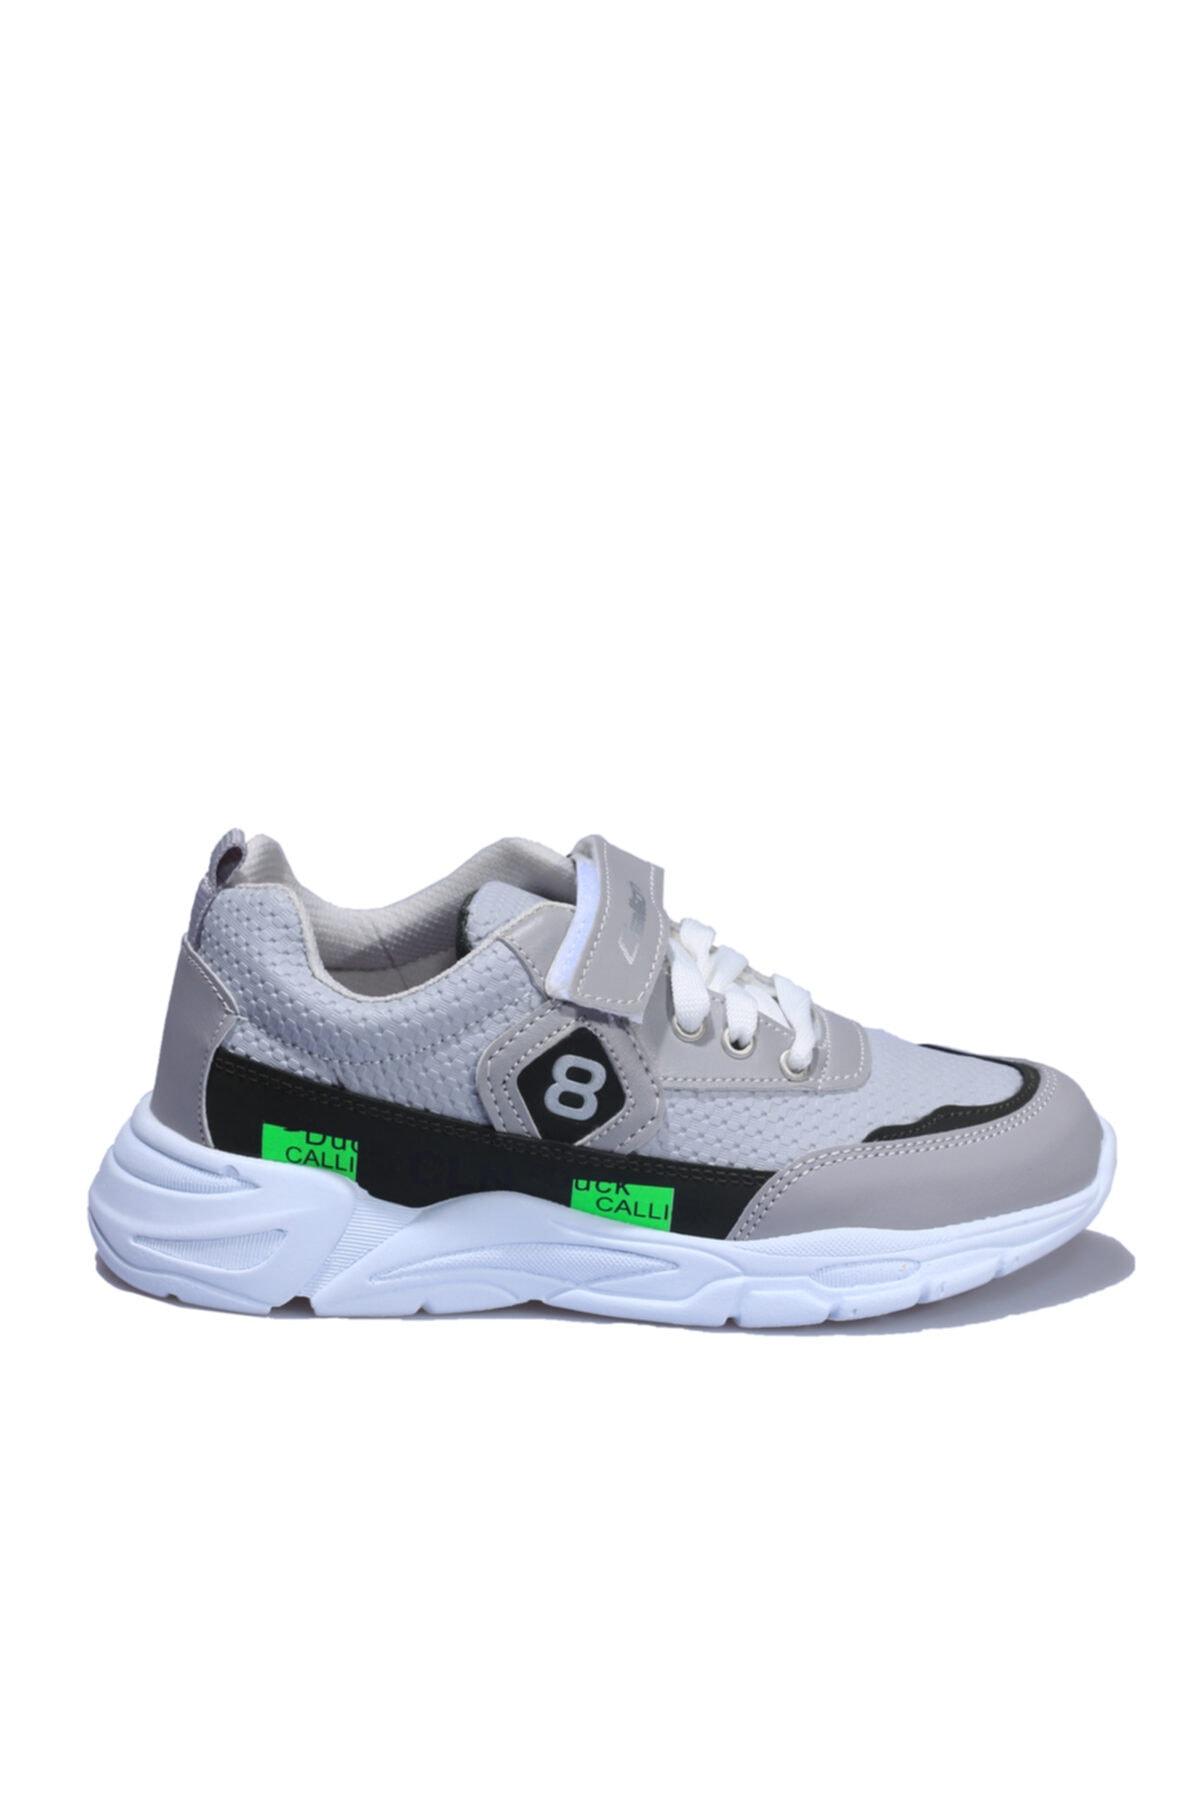 Callion Gri Yeşil Çocuk Spor Ayakkabı 1